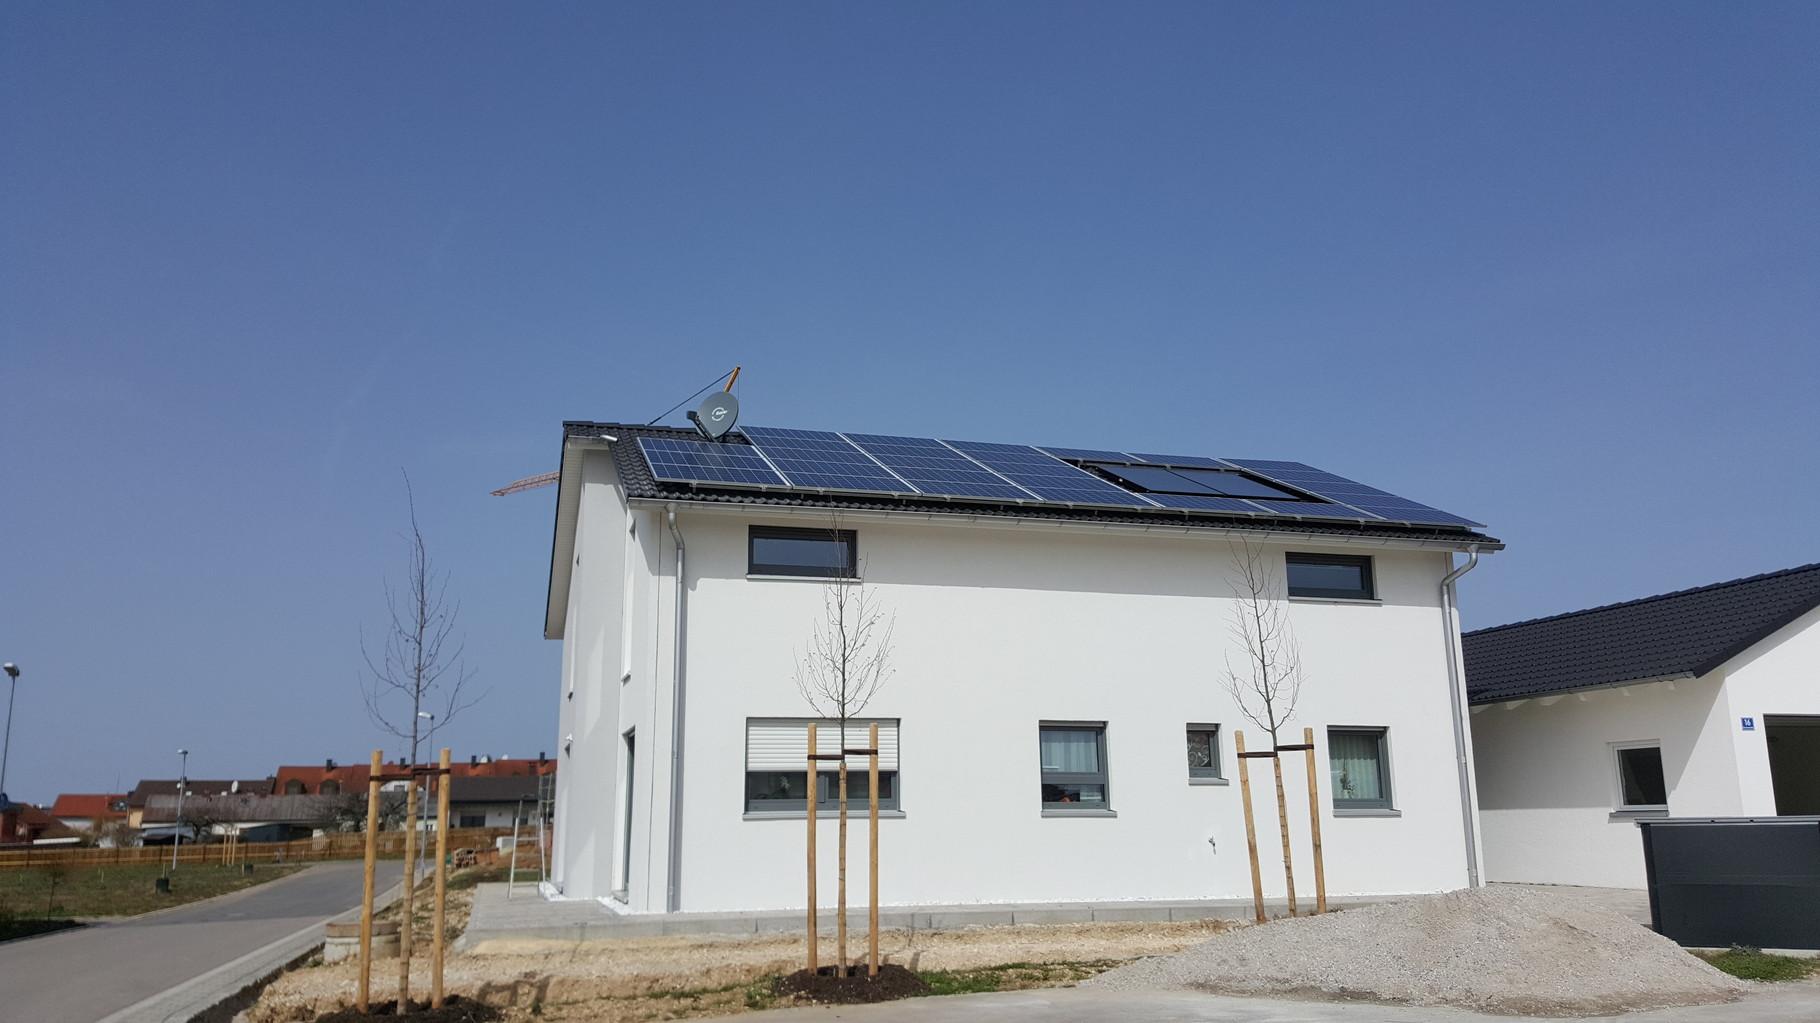 7,02 kWp Photovoltaikanlage mit Solarwatt Glas/Glas Module 30 Jahre Garantie mit Senec 8.0Pb Speicher in Hemau